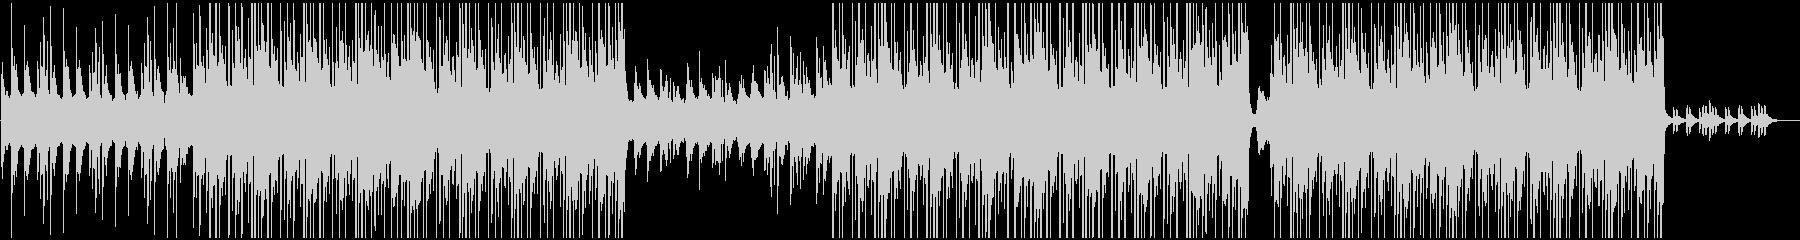 琴を使用した和風ローファイヒップホップの未再生の波形